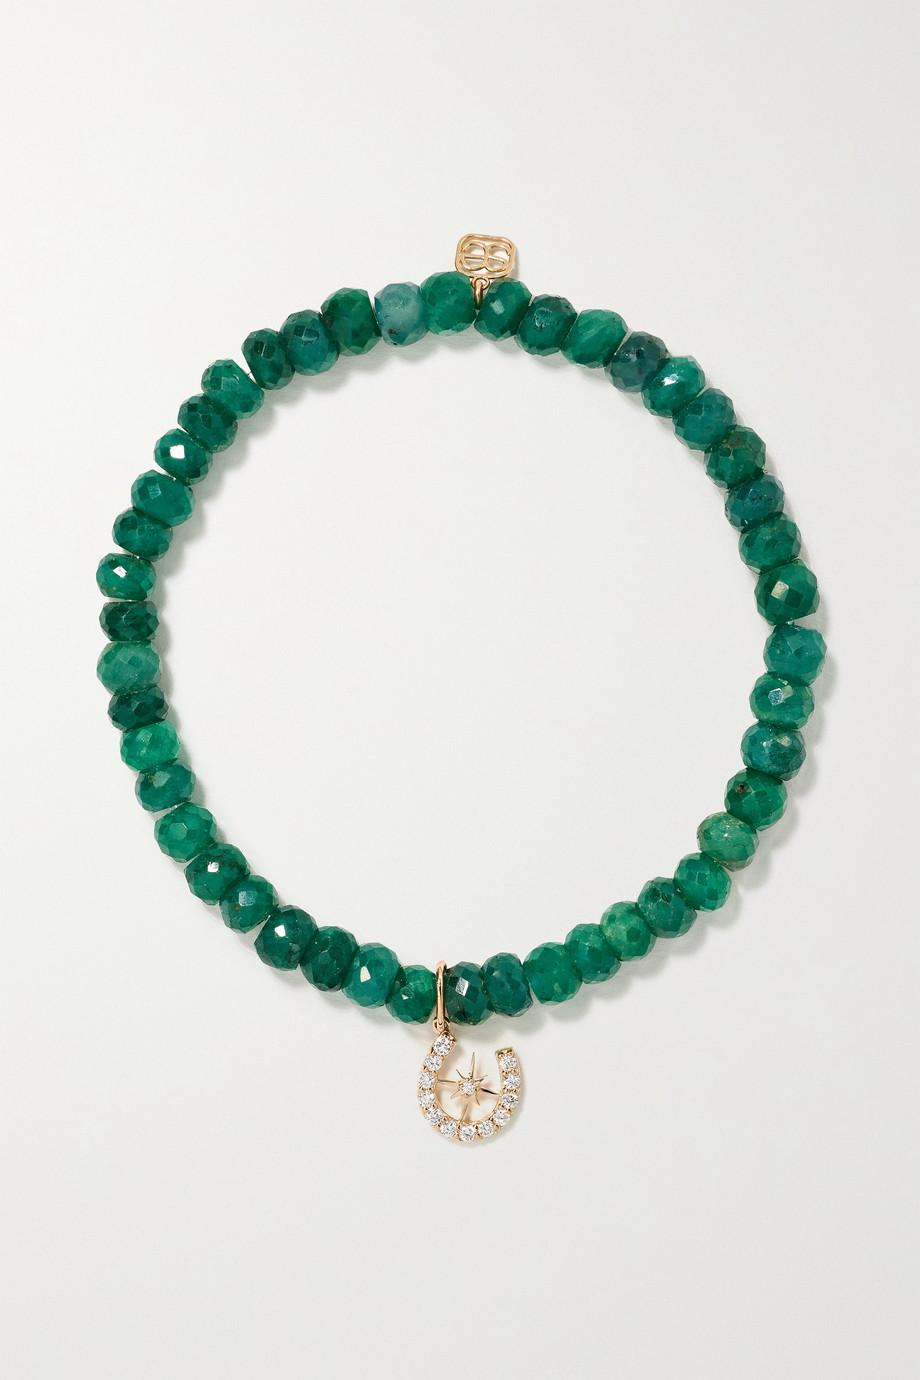 Sydney Evan Starburst Horseshoe Armband mit Korunden, Diamanten und Details aus 14 Karat Gold